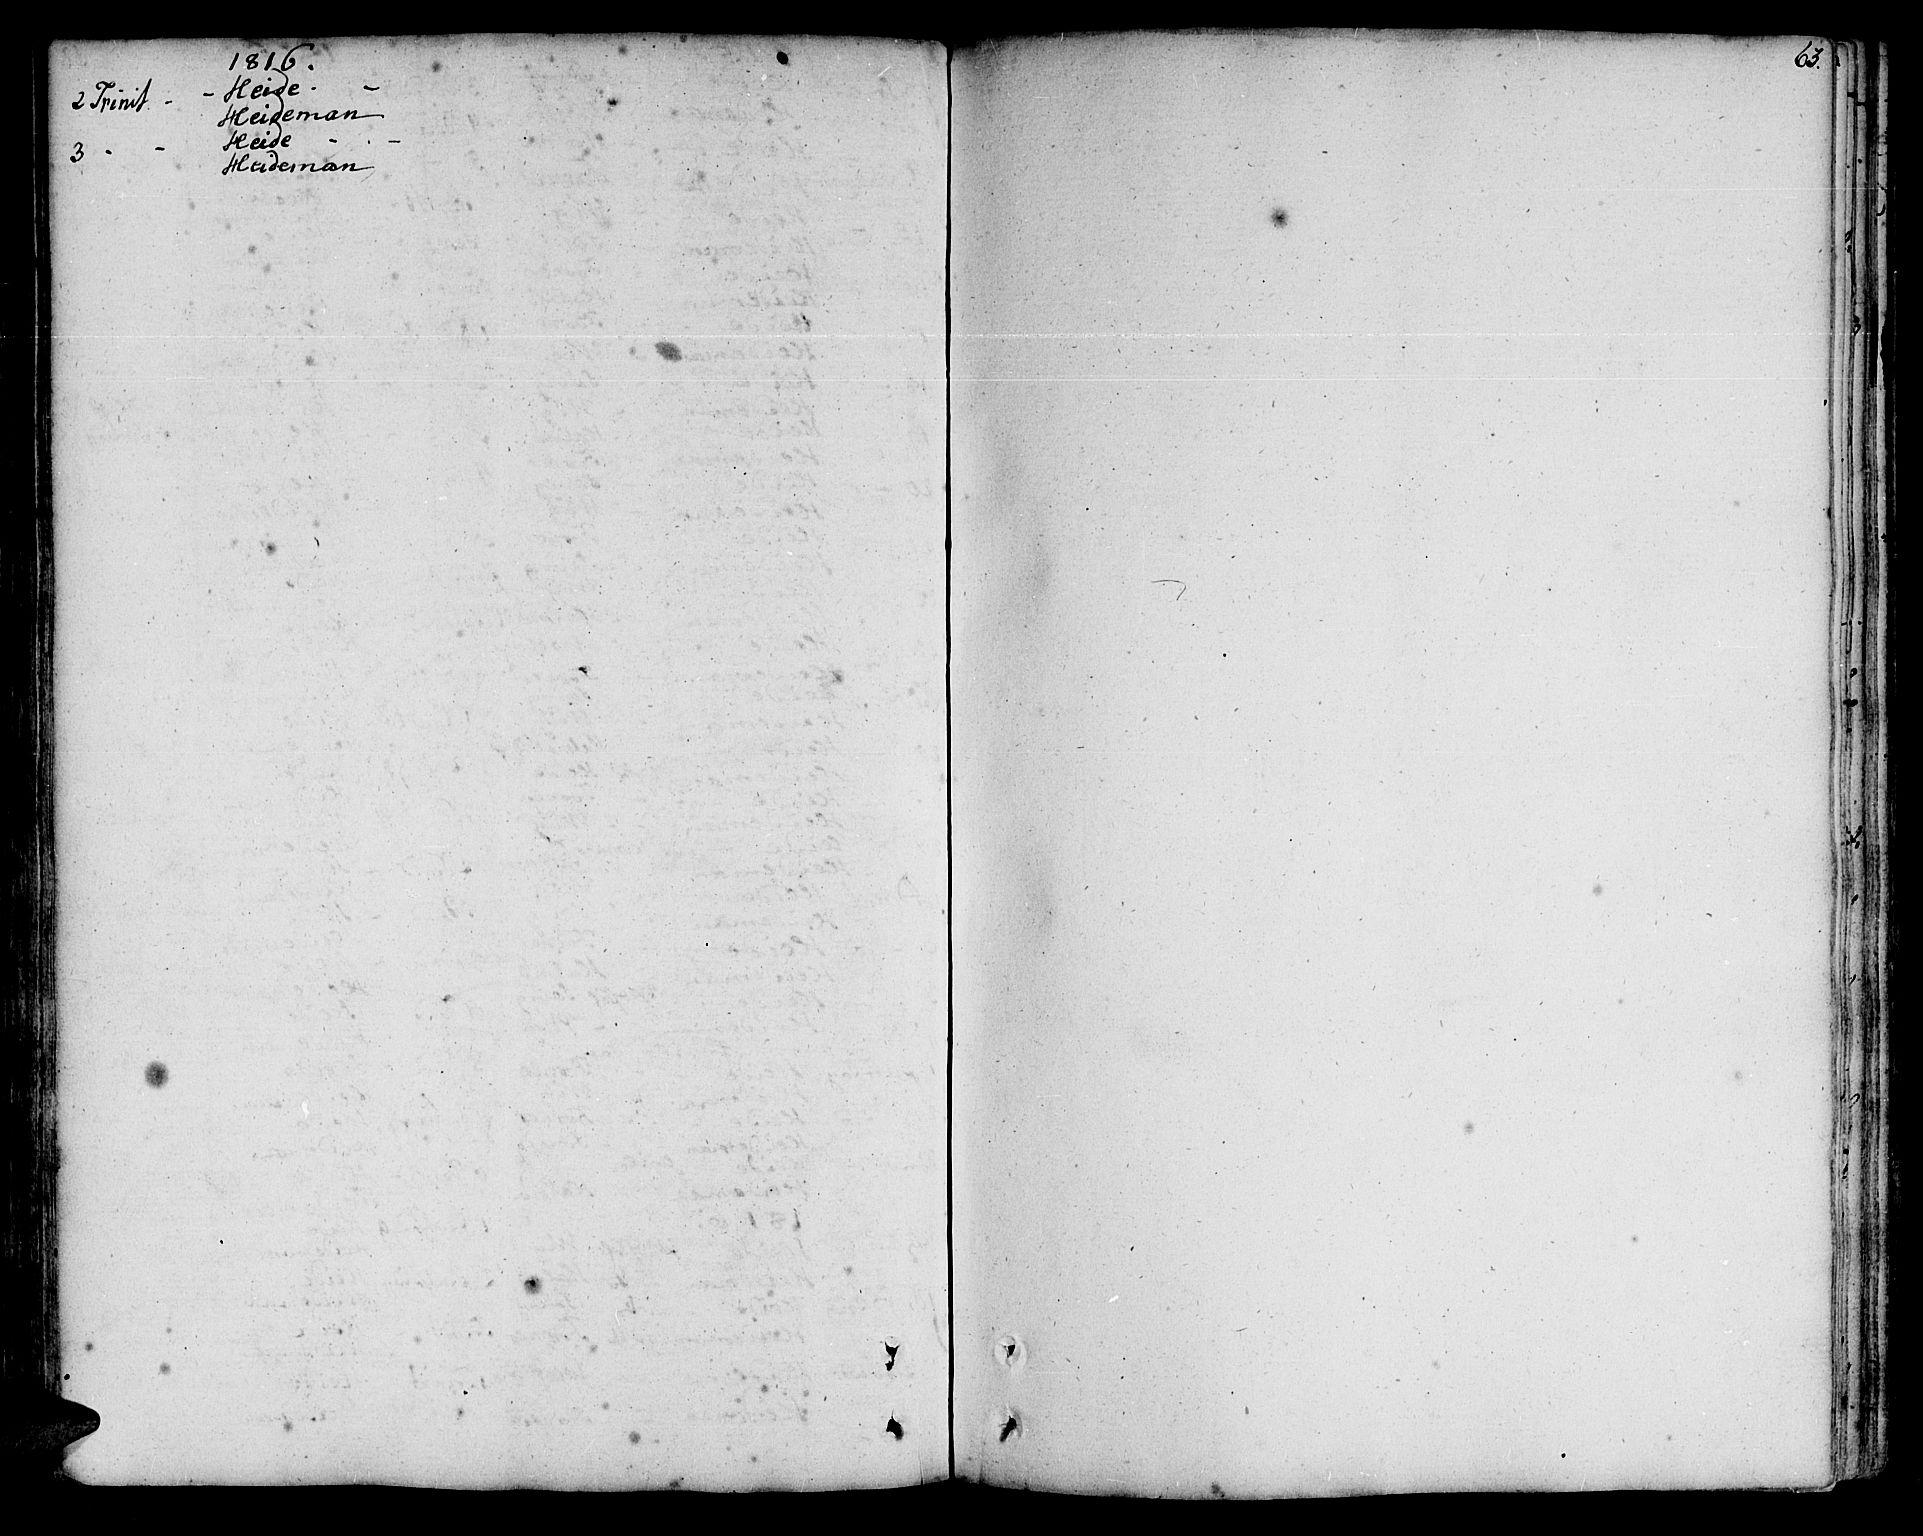 SAT, Ministerialprotokoller, klokkerbøker og fødselsregistre - Nord-Trøndelag, 773/L0608: Ministerialbok nr. 773A02, 1784-1816, s. 63